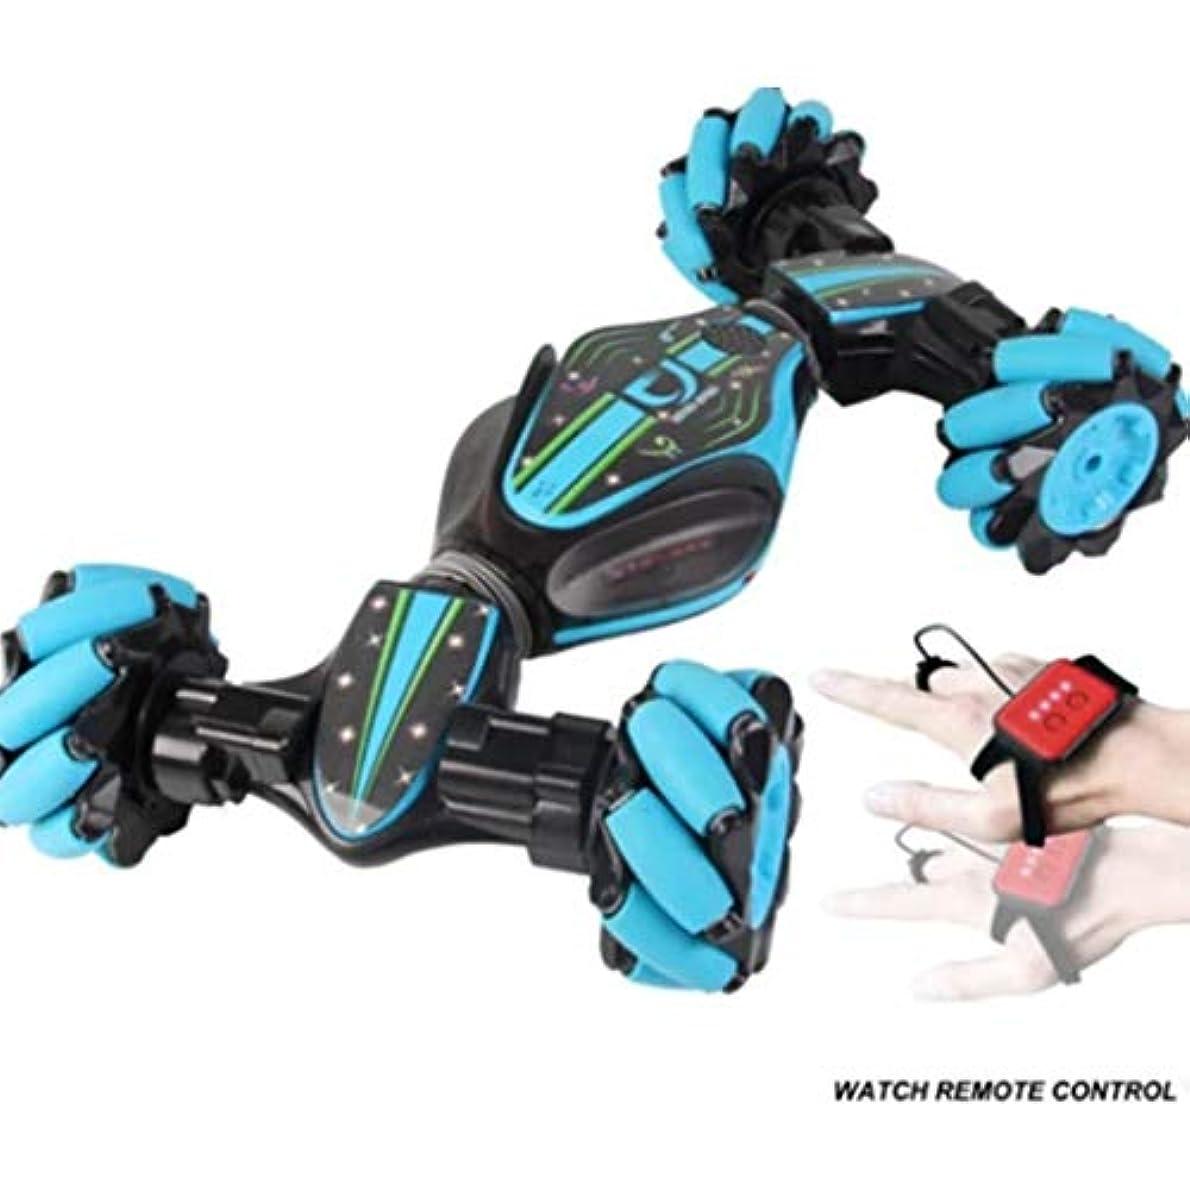 水分聖職者プラスチックスタントRCカー、ZOOZEリモートコントロールスタントカーツイストカー2.4Gスタントジェスチャー誘導ツイストオフロード車両ライトミュージックドリフトトラバースリモートコントロールダンスサイドドライビング玩具ギフト